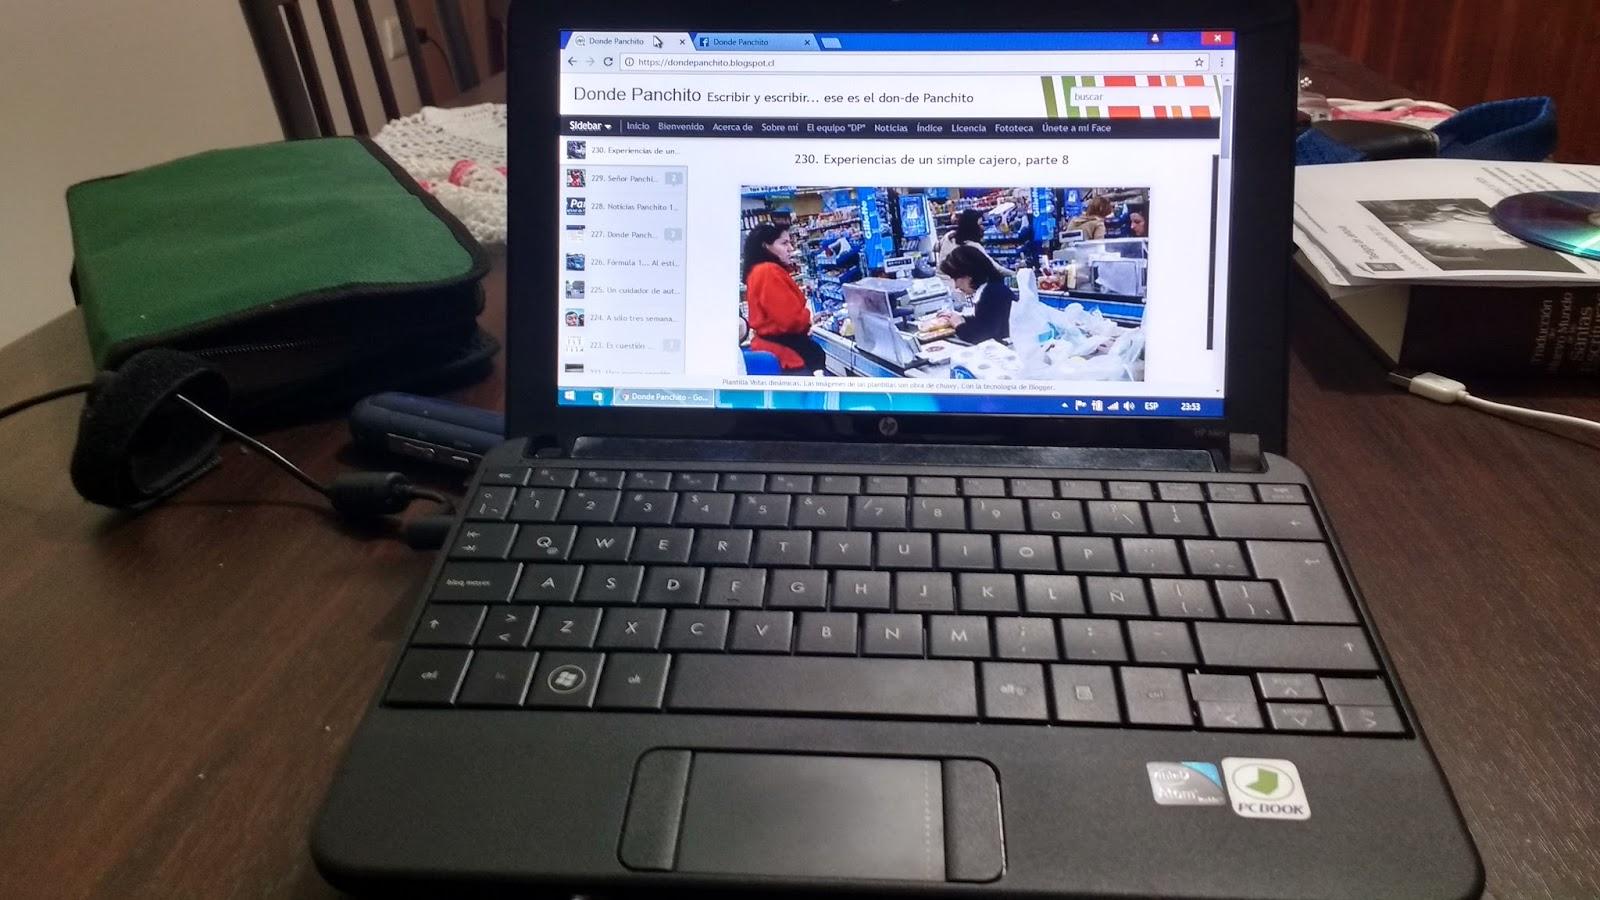 231 cuidado al comprar por internet donde panchito - Donde comprar por internet ...